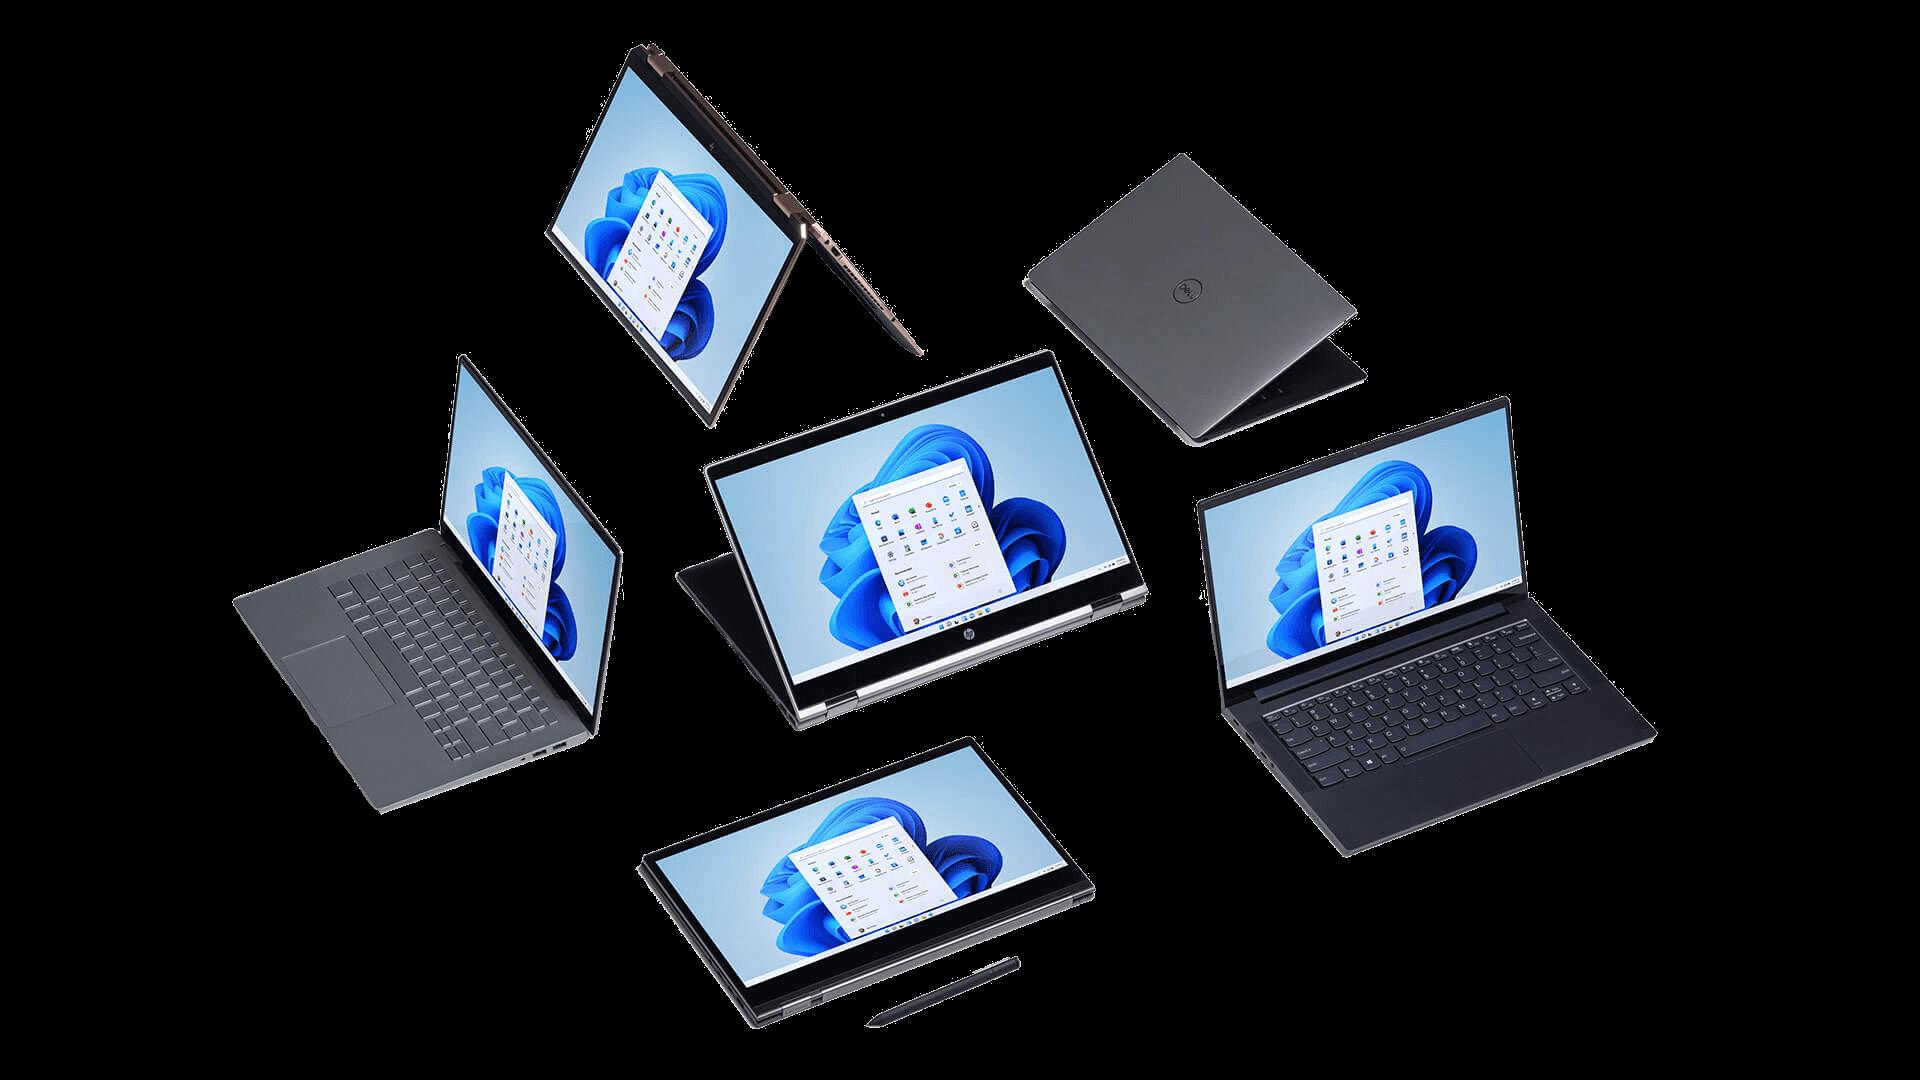 6 forskellige PC'er der alle er installeret med Windows 11